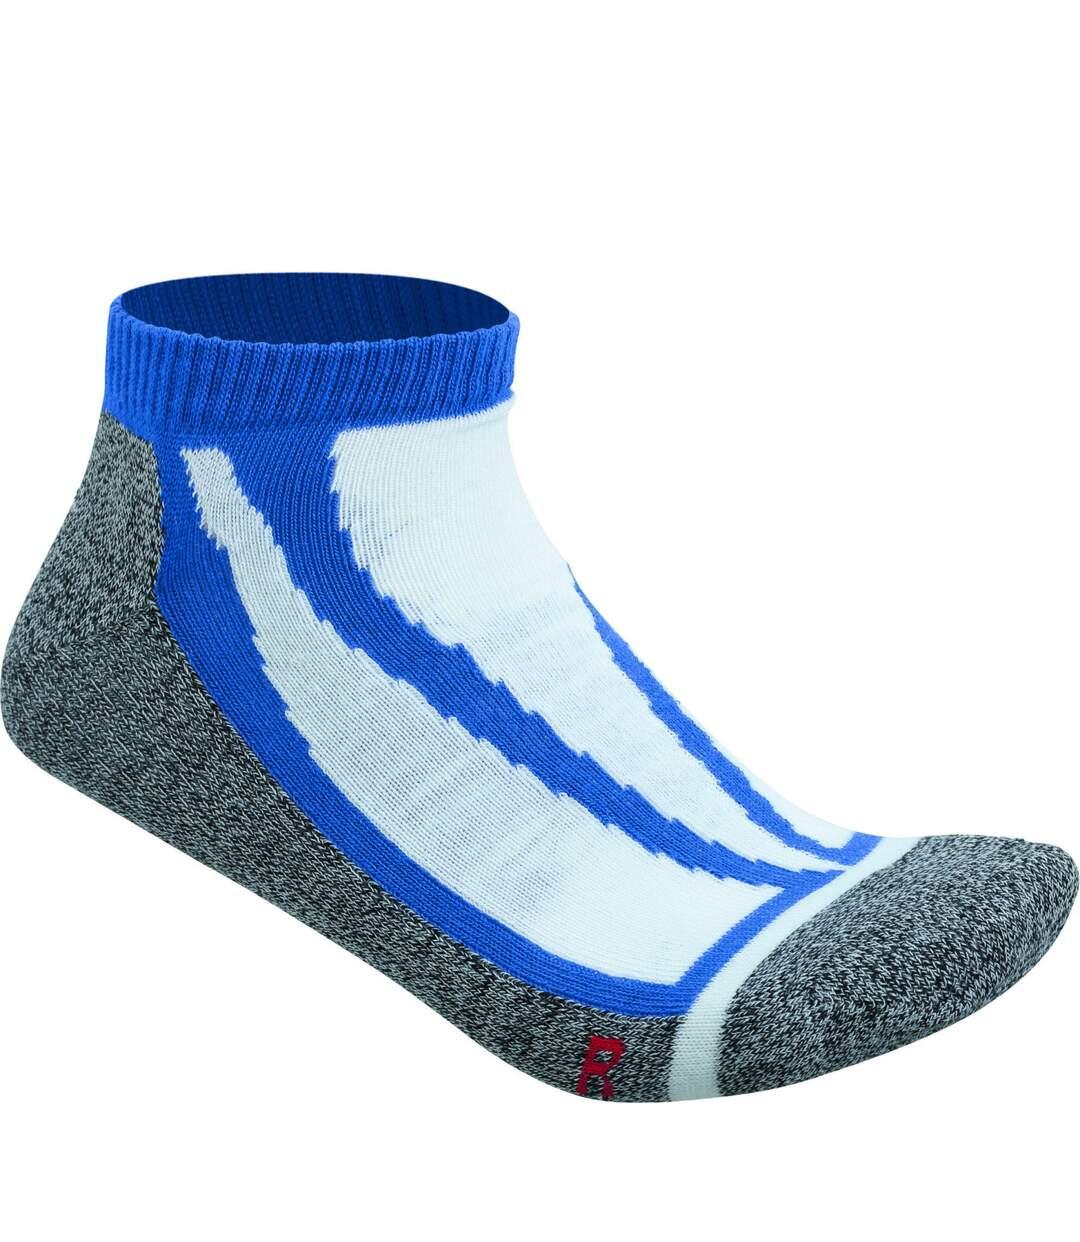 Dégagement Chaussettes basses de sport JN209 bleu et gris sneakers homme femme dsf.d455nksdKLFHG